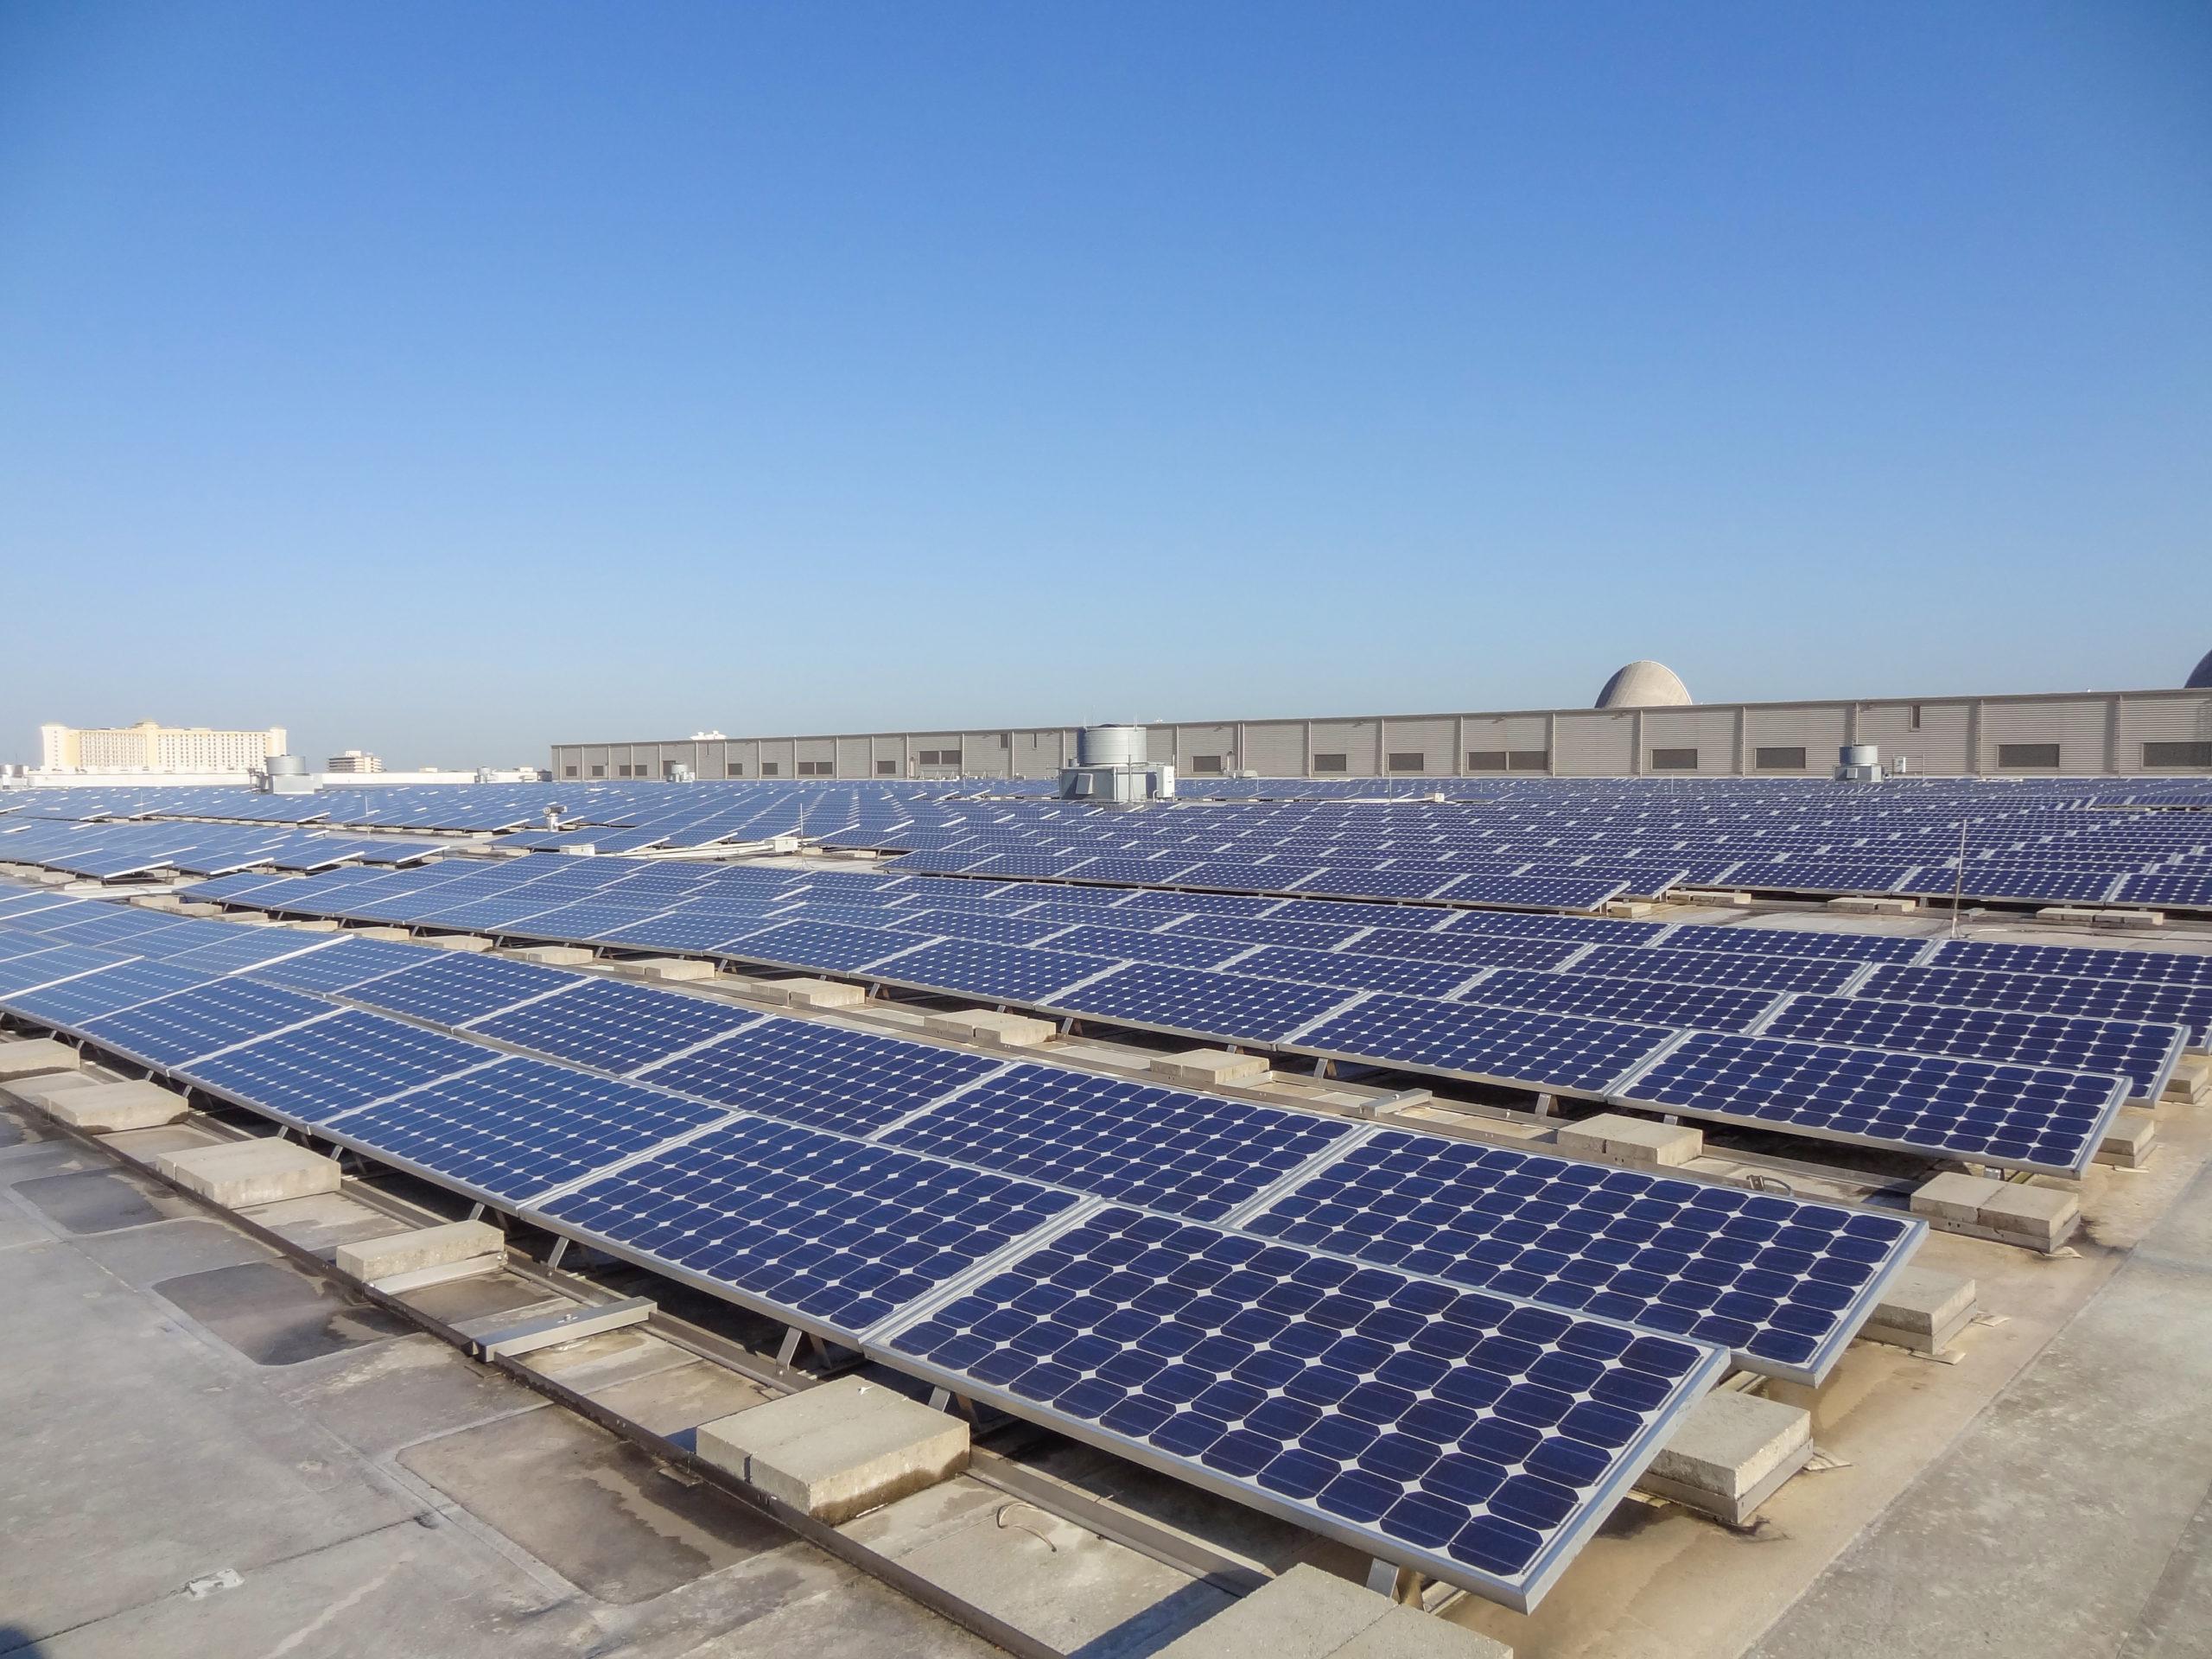 paneles solares en el techo del centro de convenciones